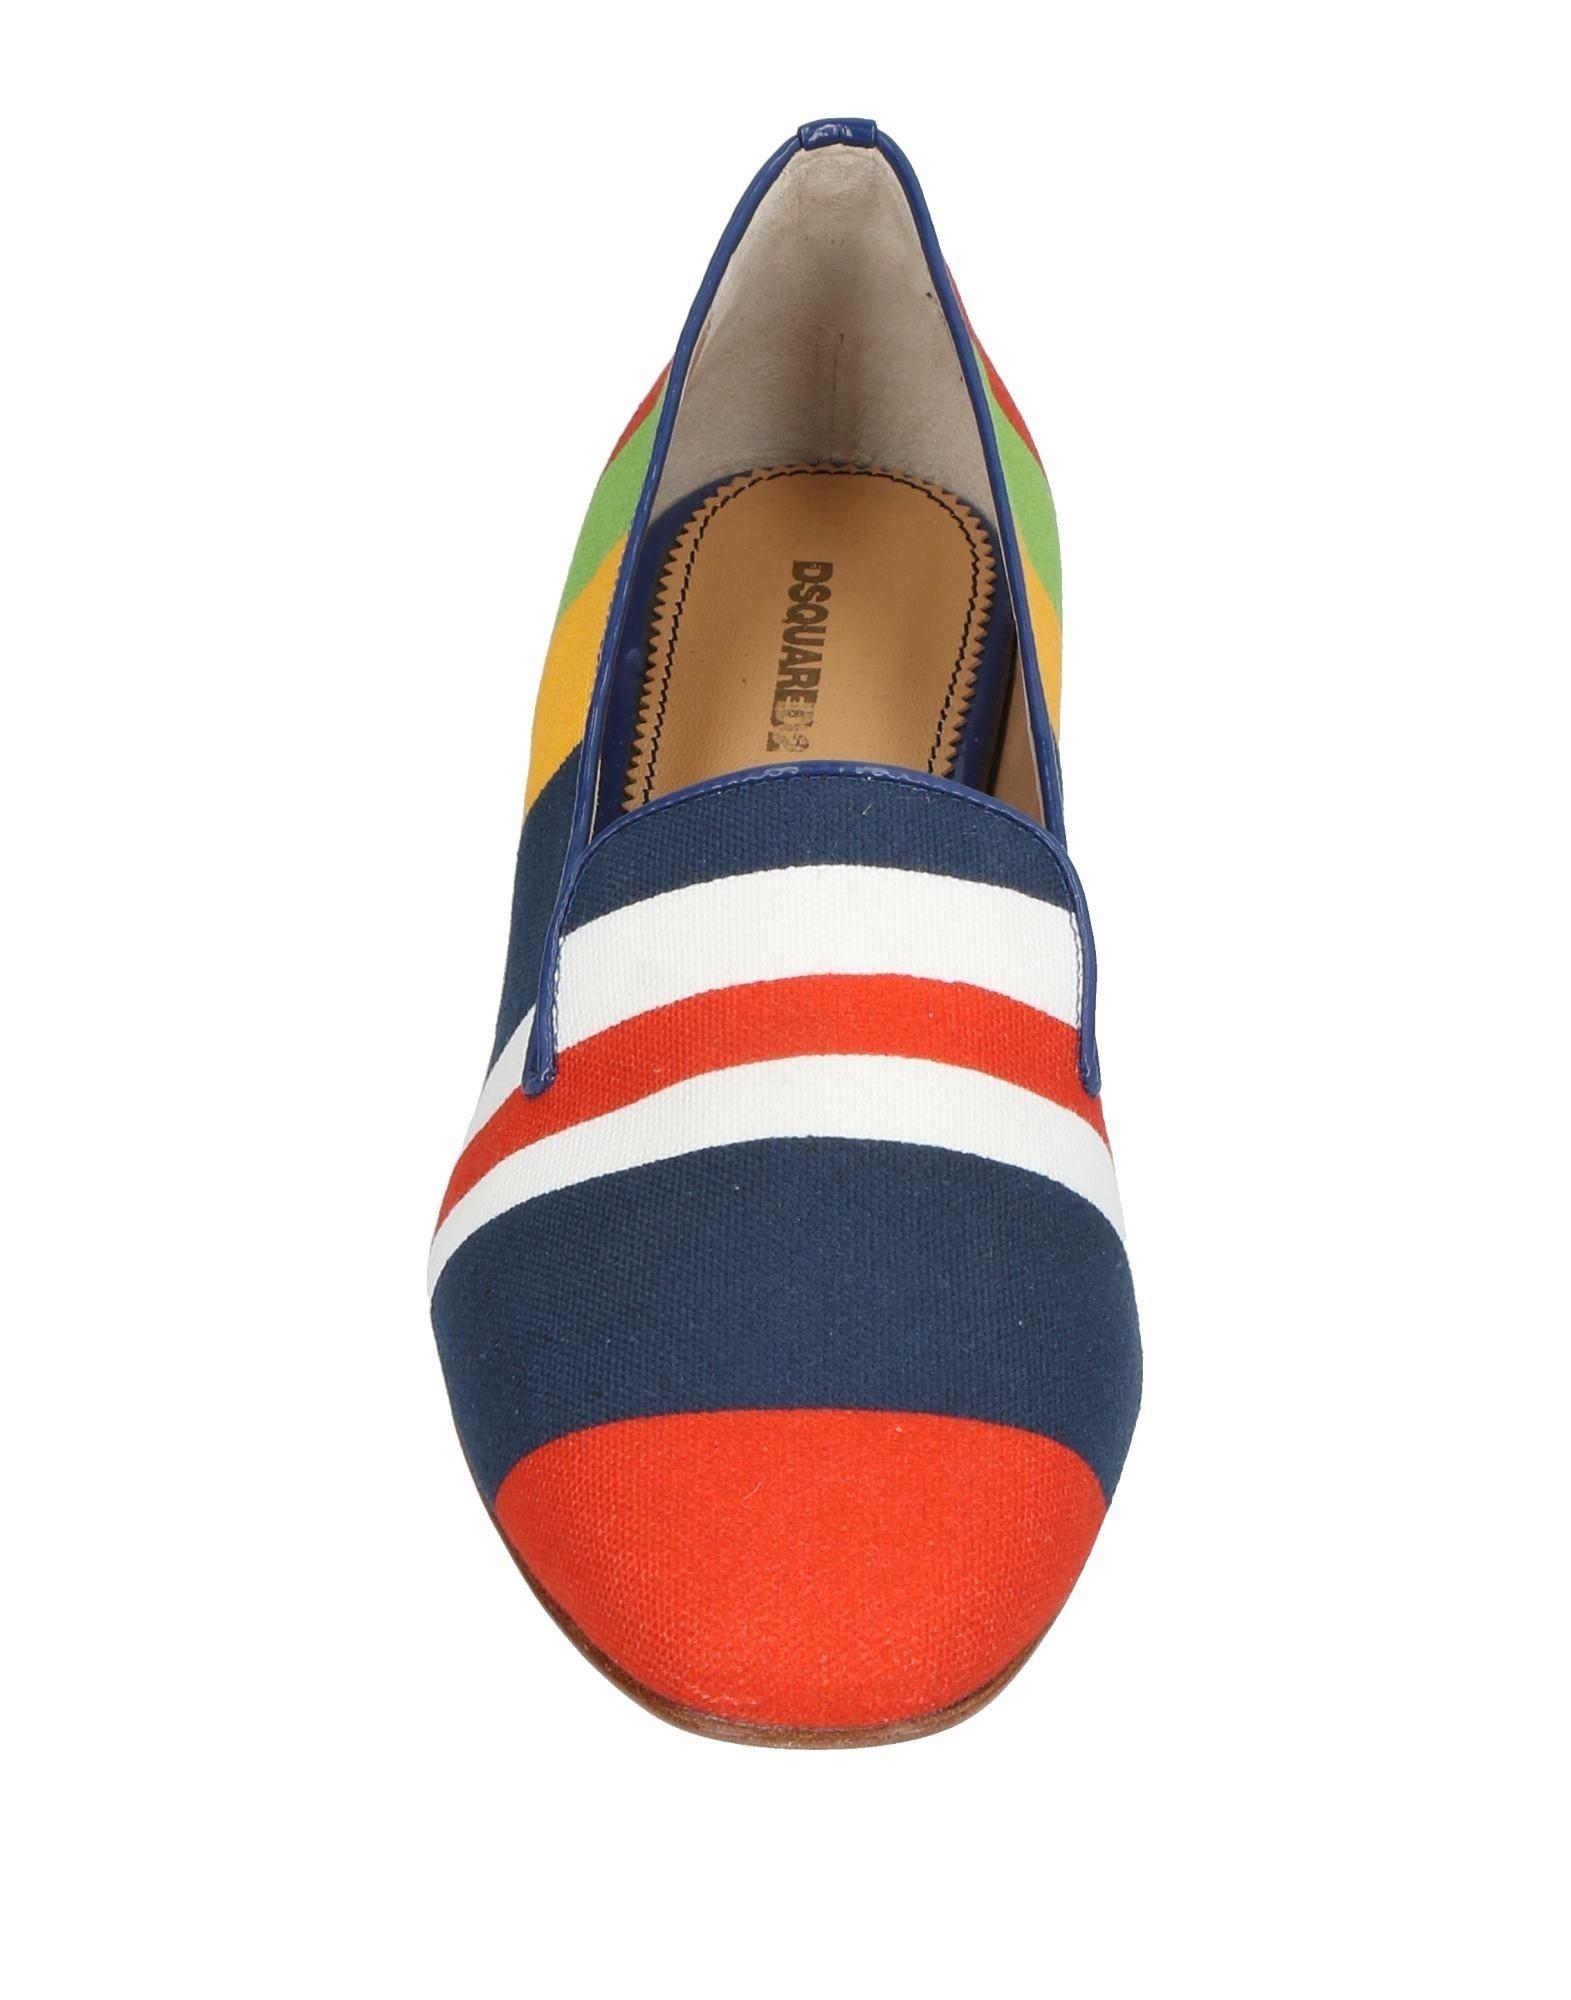 Stilvolle billige Mokassins Schuhe Dsquared2 Mokassins billige Damen  11422236TJ 78ac47